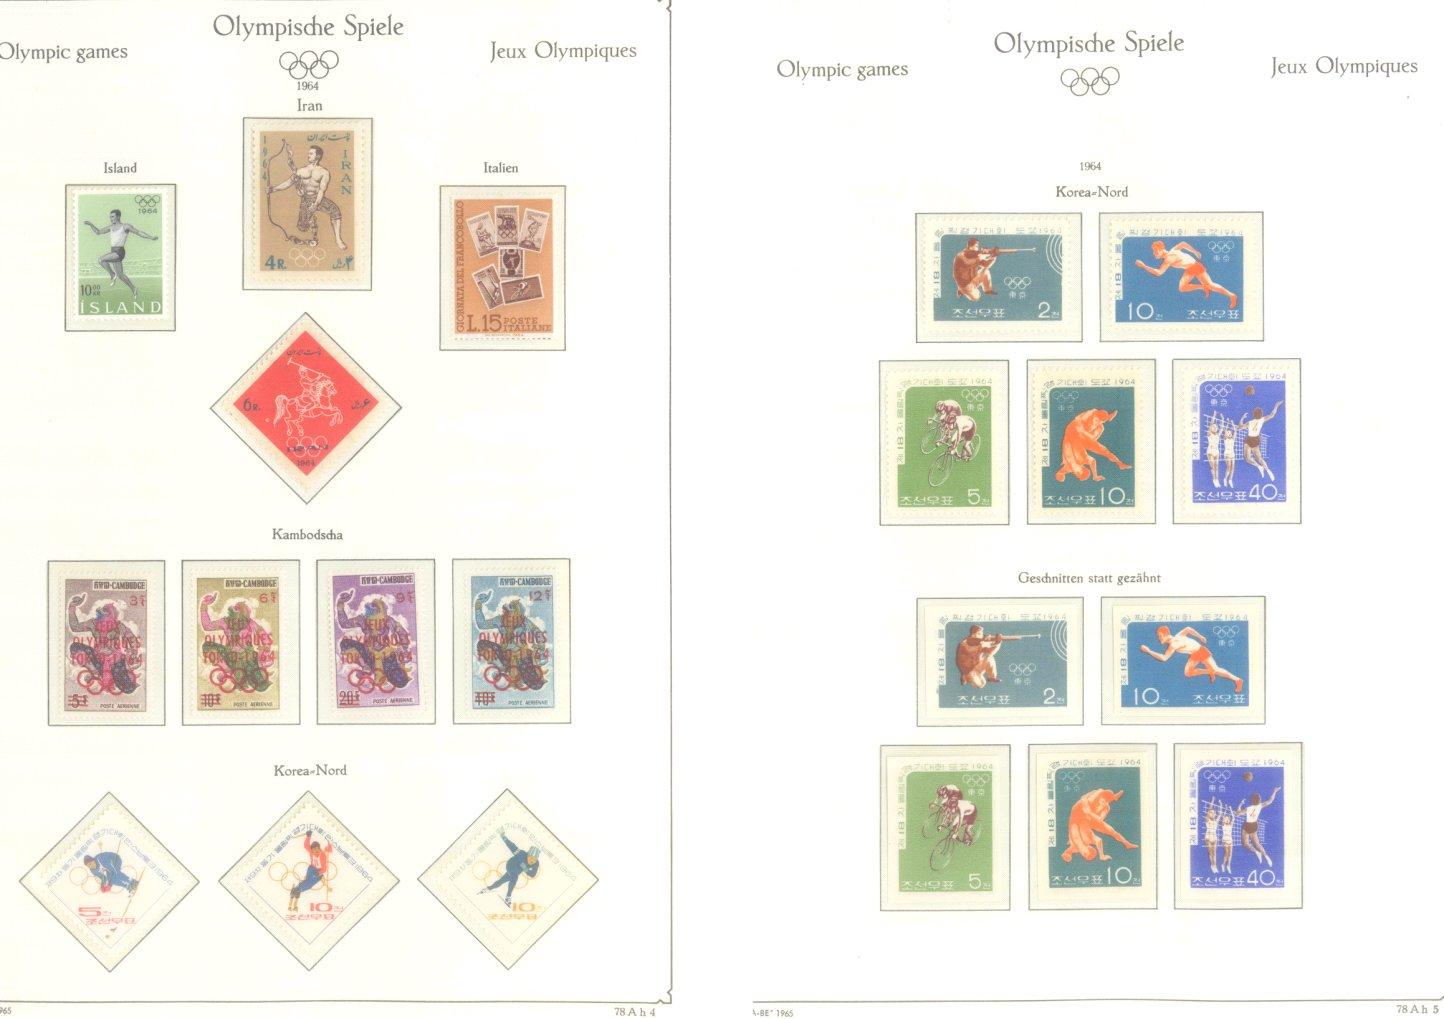 OLYMPISCHE SPIELE 1964 TOKIO, postfrische Sammlung Teil 1-34